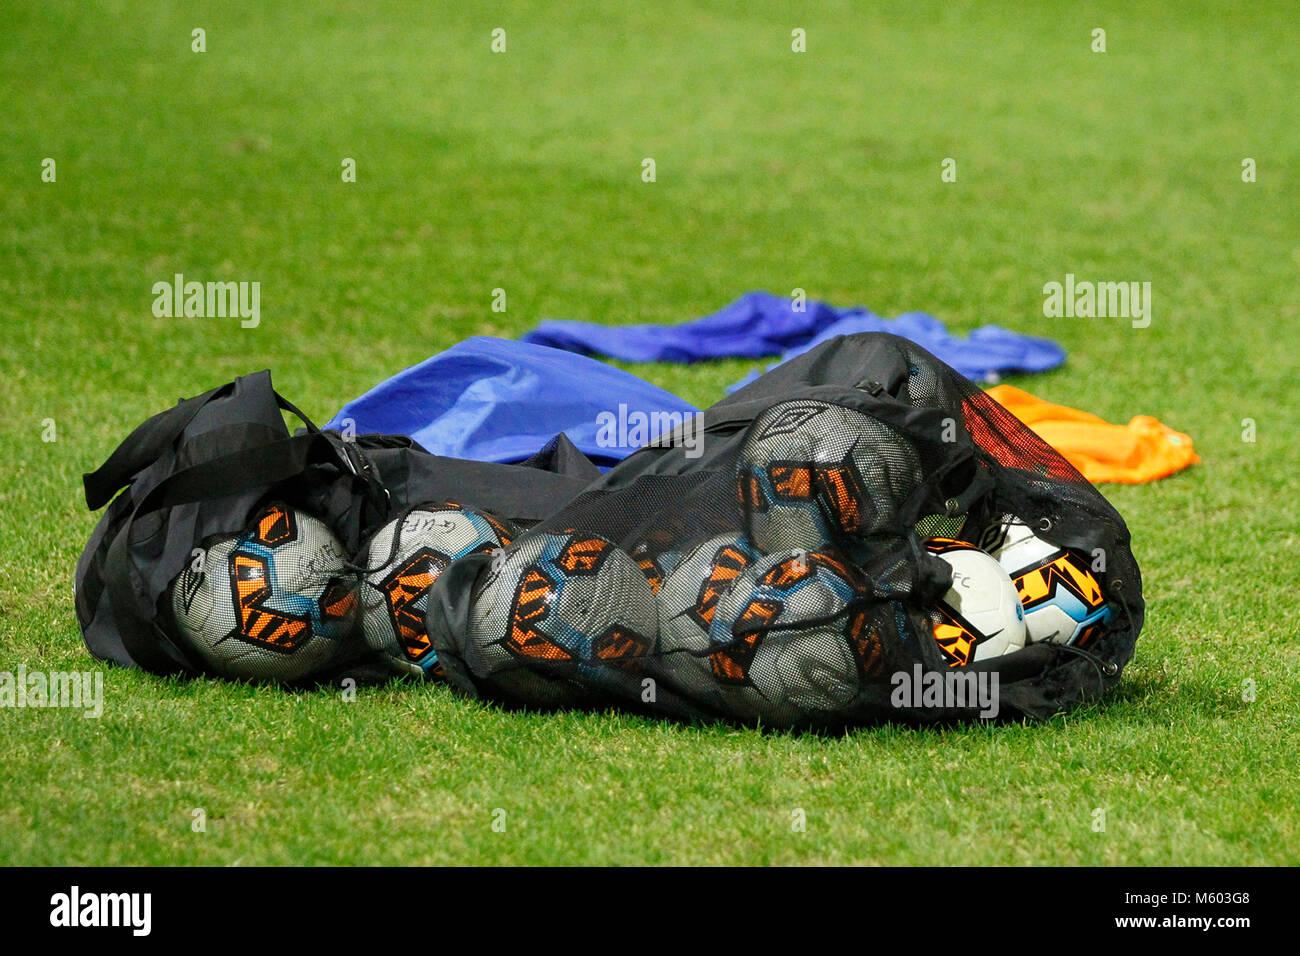 Vue générale d'un sac de ballons et de formation bibs prêt pour une routine d'échauffement d'avant match Banque D'Images